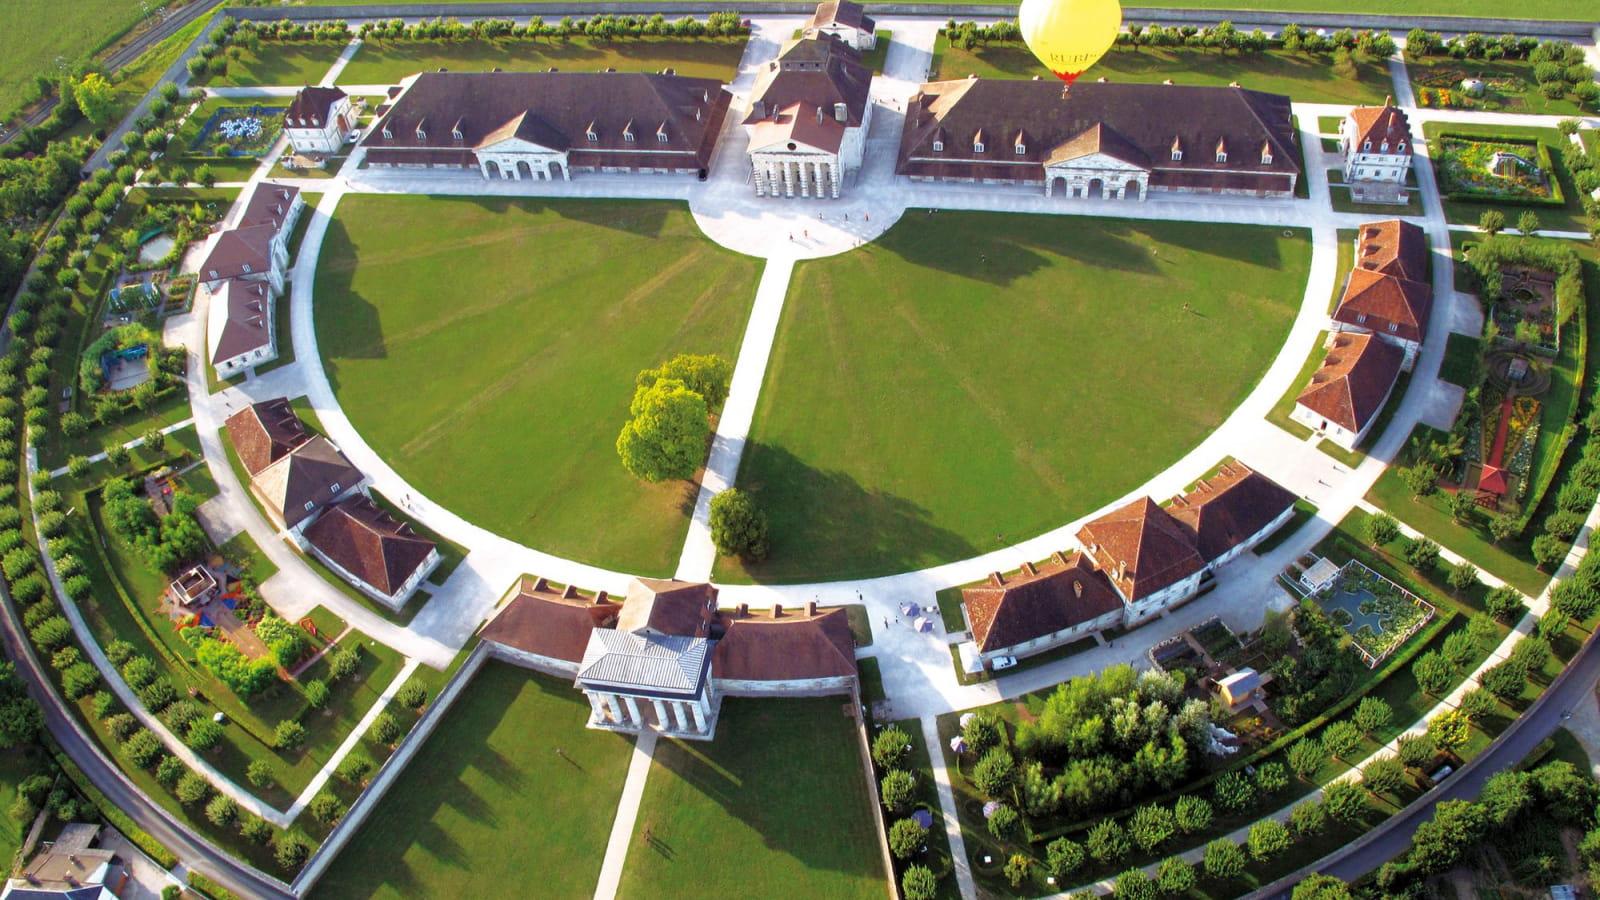 La saline royale et son architecture exptcionnelle